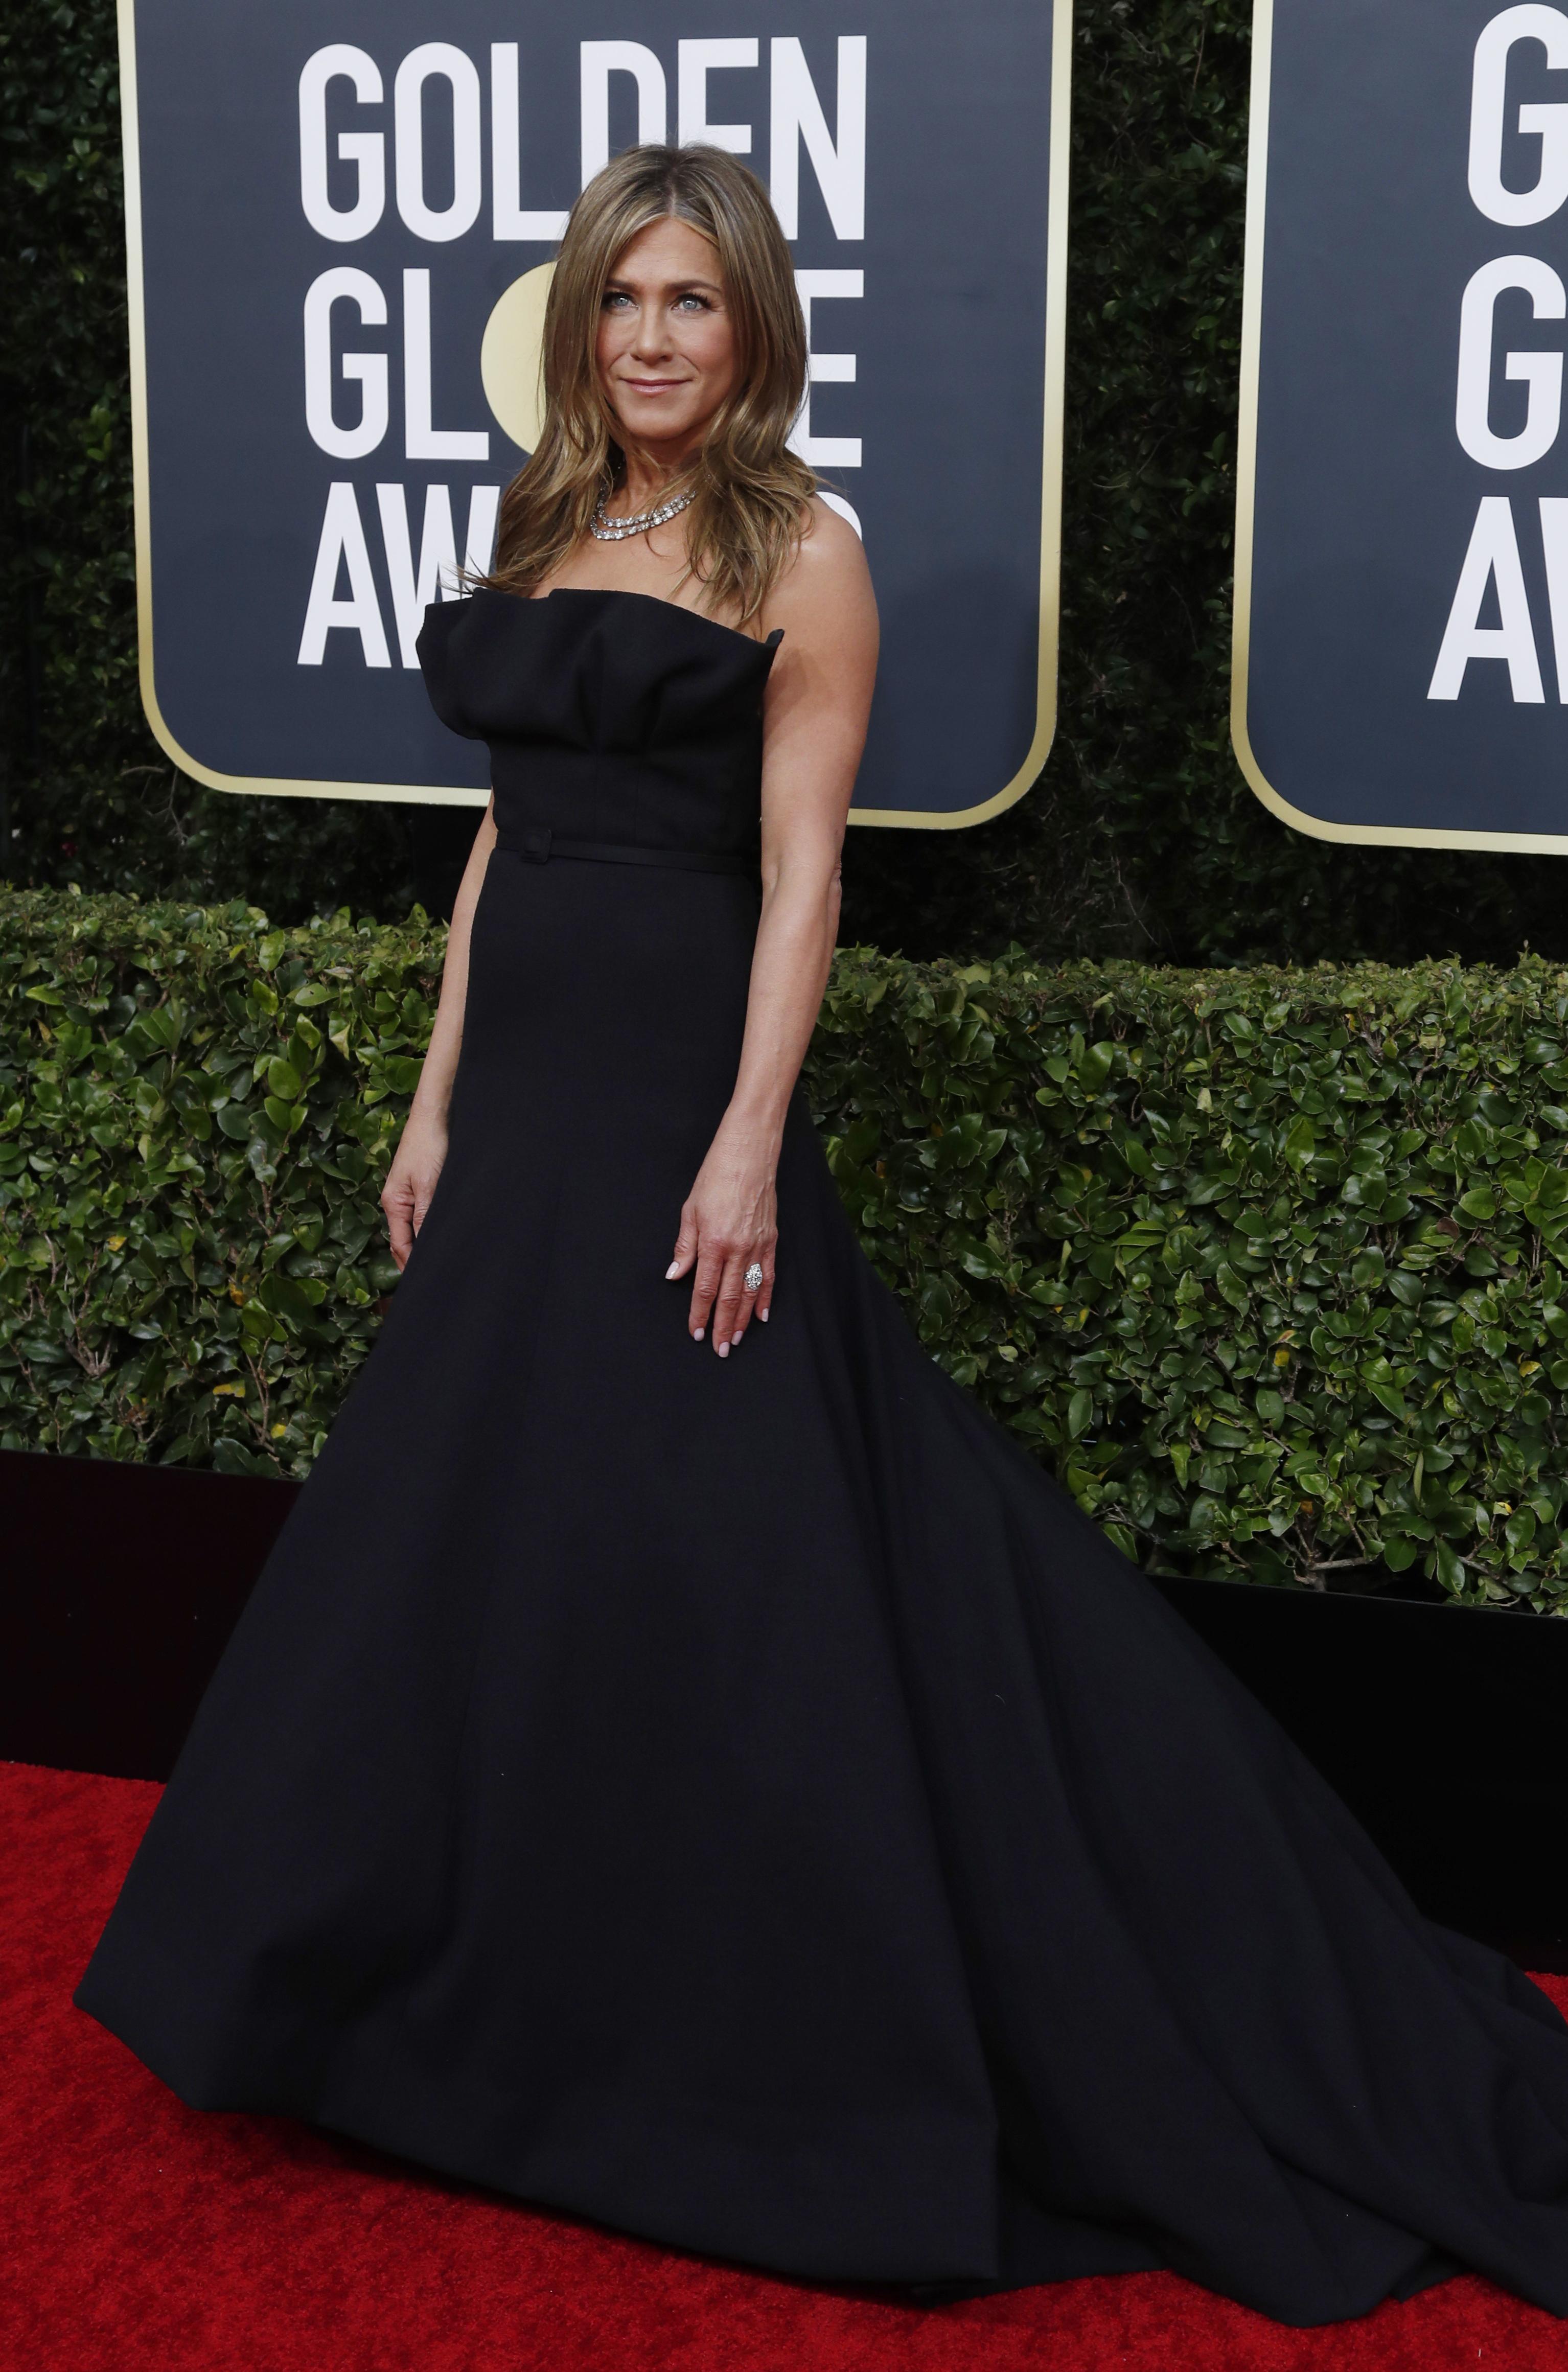 Jennifer Aniston deslumbró con su look total black con un strapless con cola y corte en la cintura. Completó su look con una gargantilla de brillantes y anillos